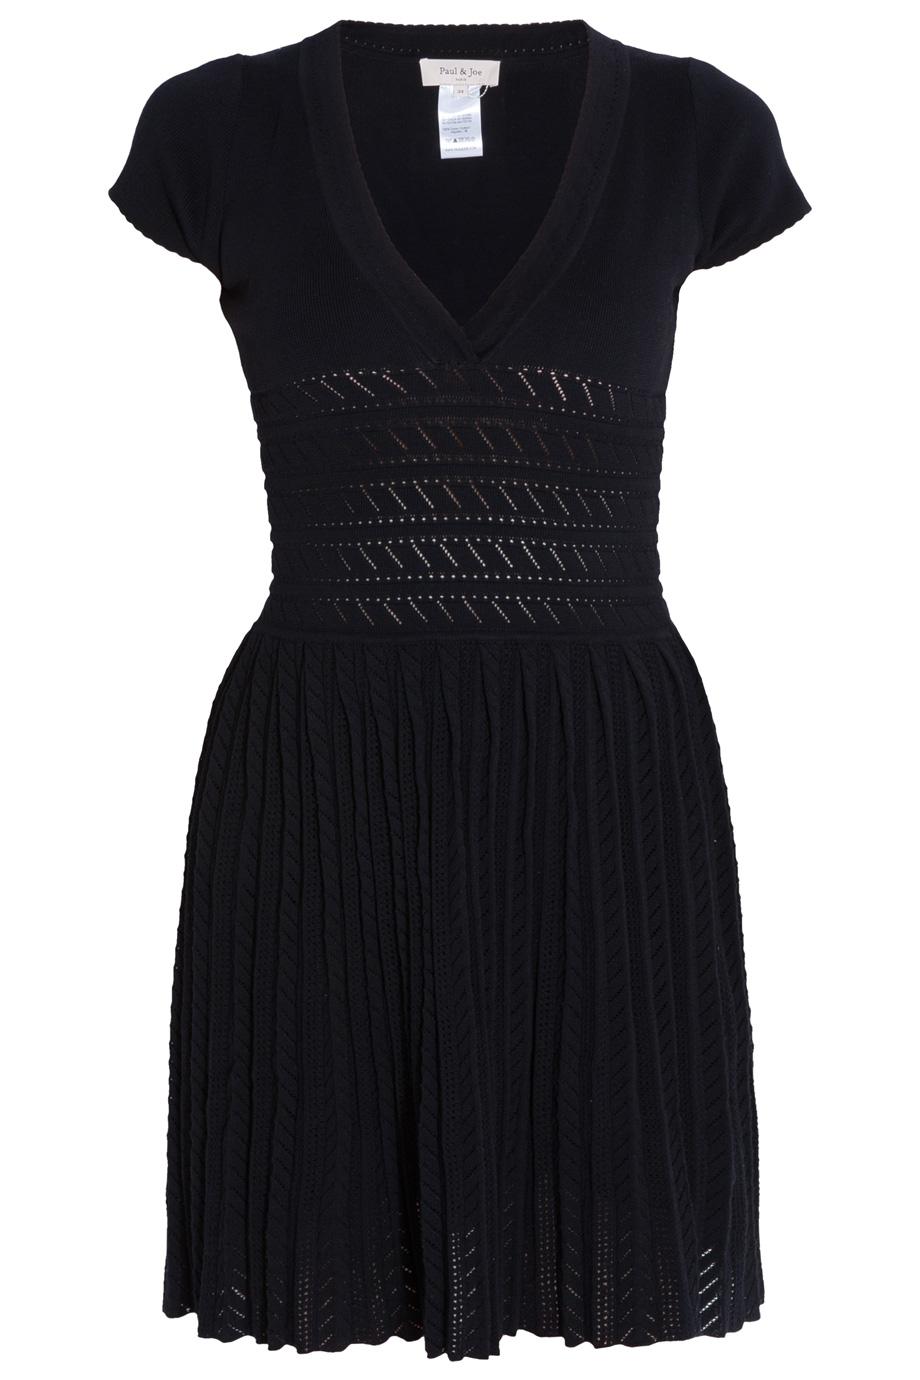 Lyst Paul Amp Joe Knit Pleat Skirt Dress In Black